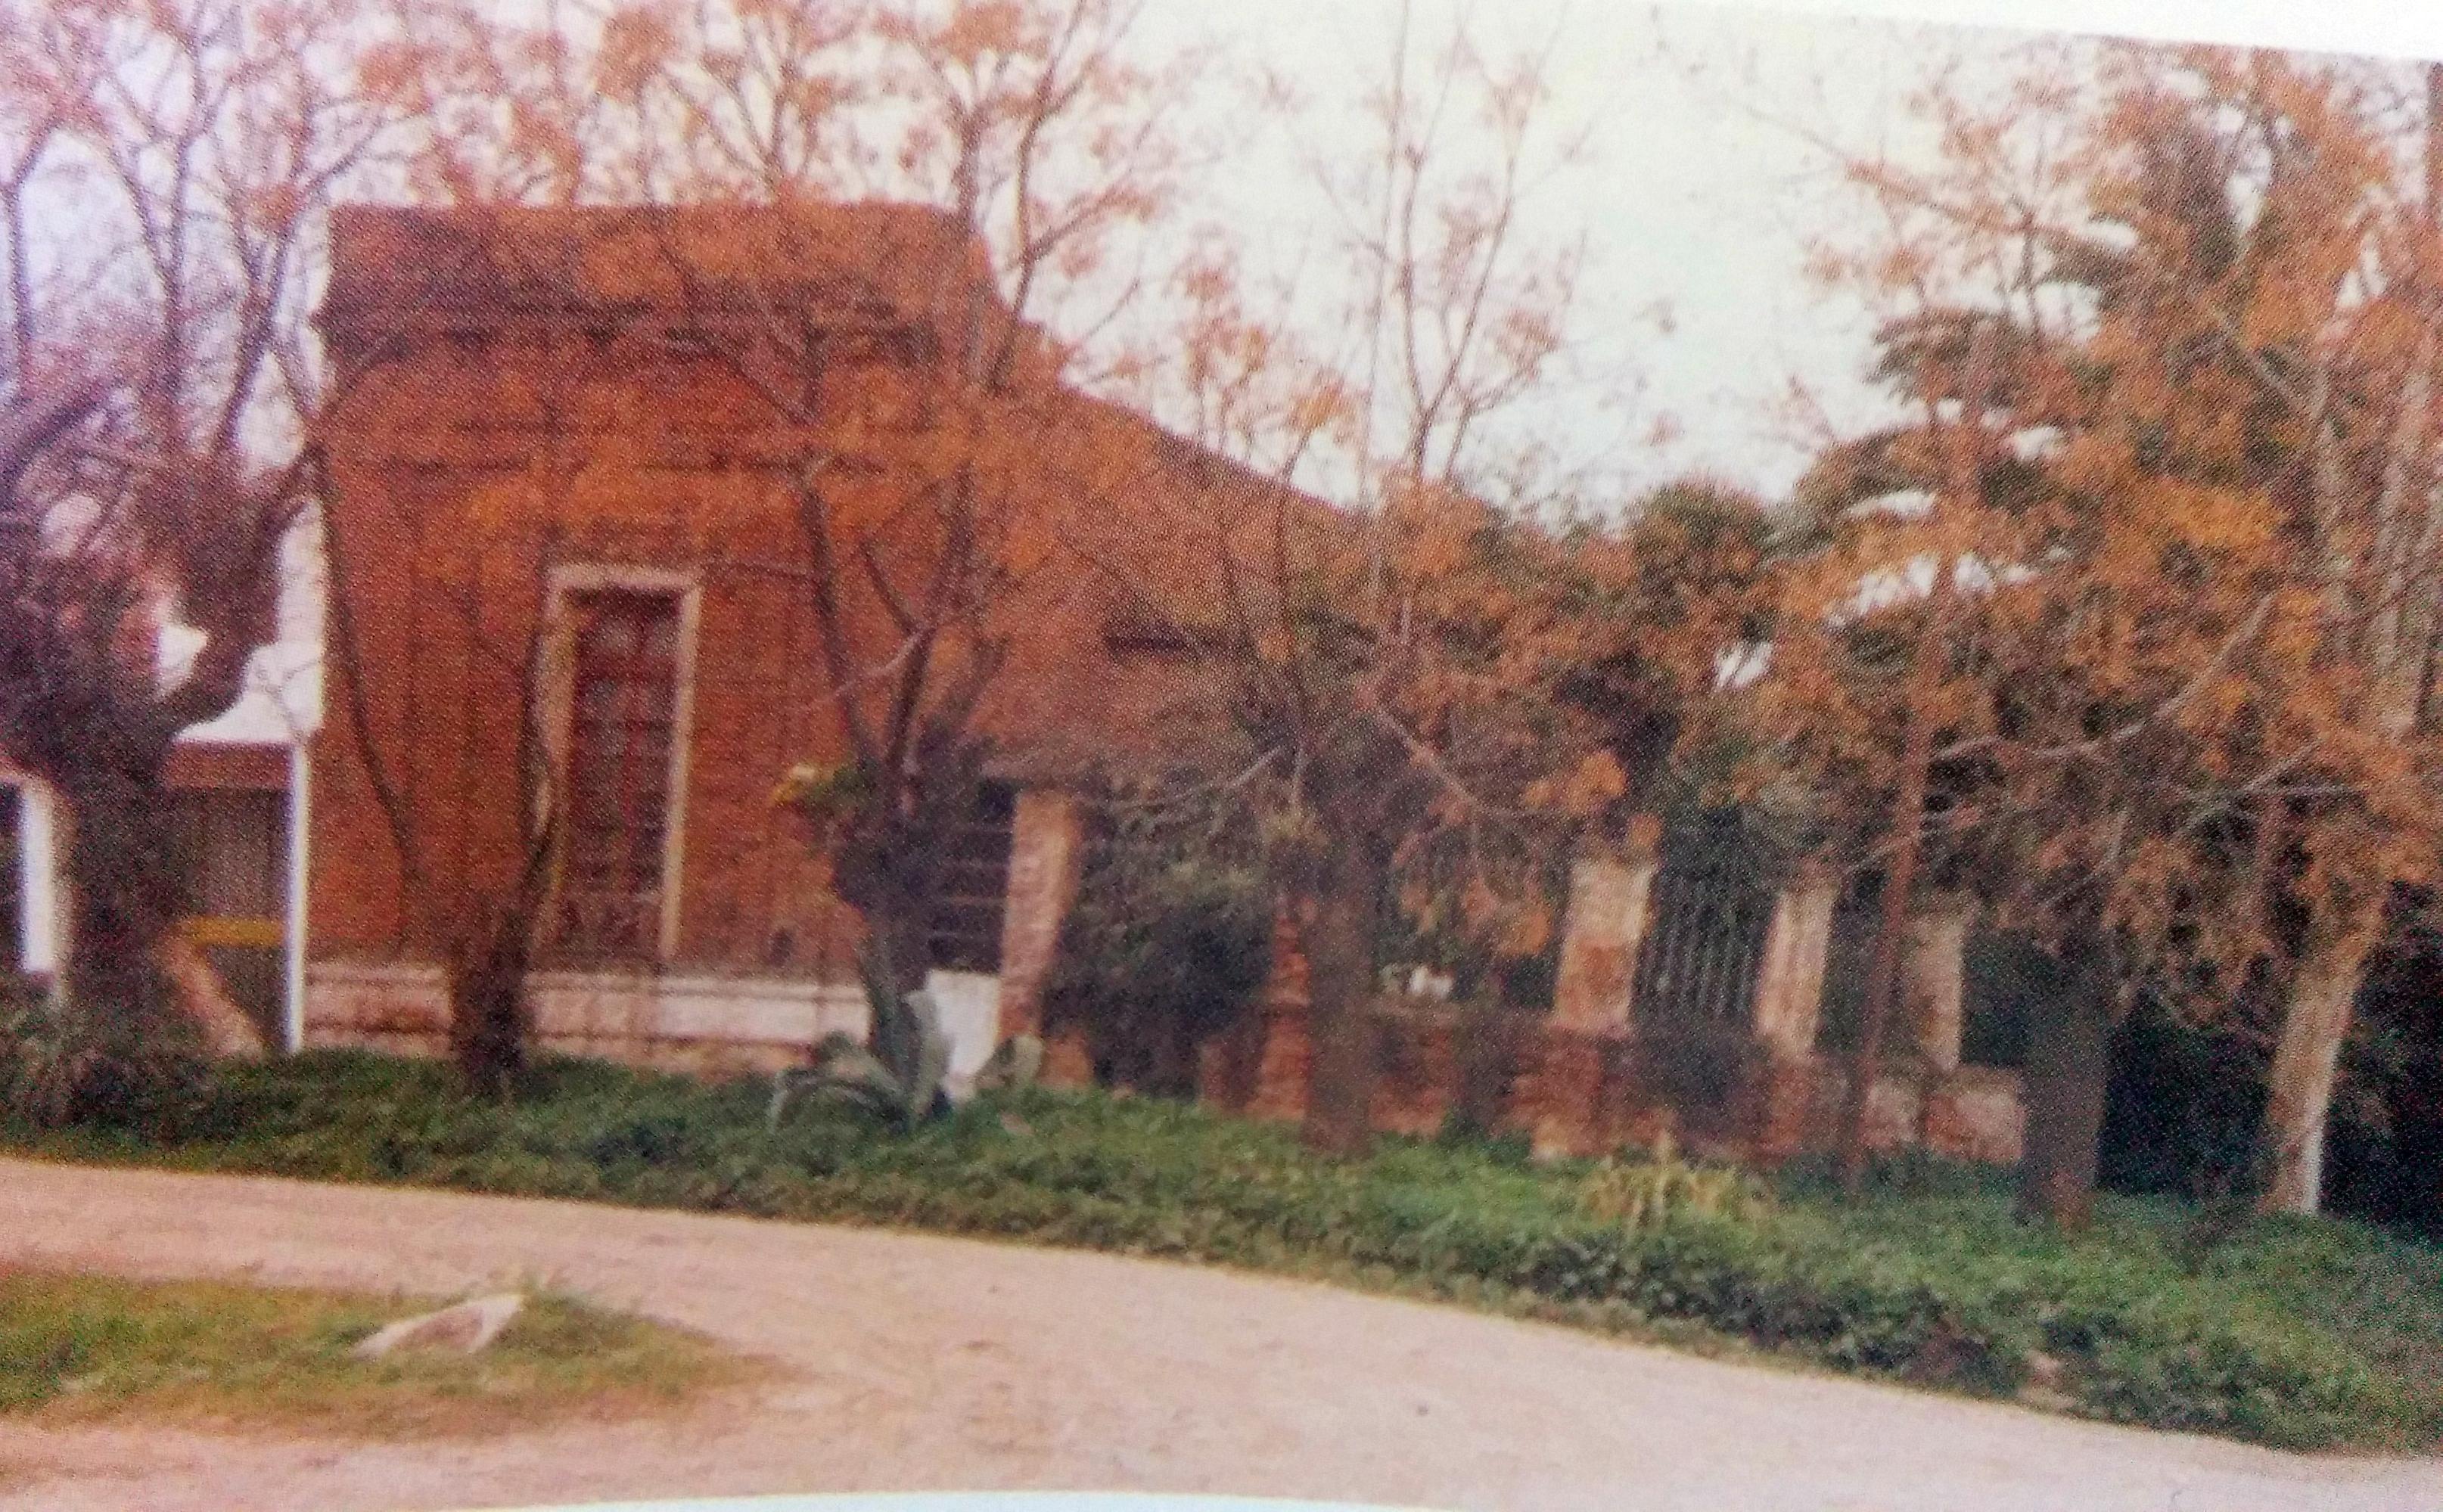 La casa del poeta Ernesto Domingo Marrone, fotografiada por Luis Ángel Desía. La finca se demolió en 1998.